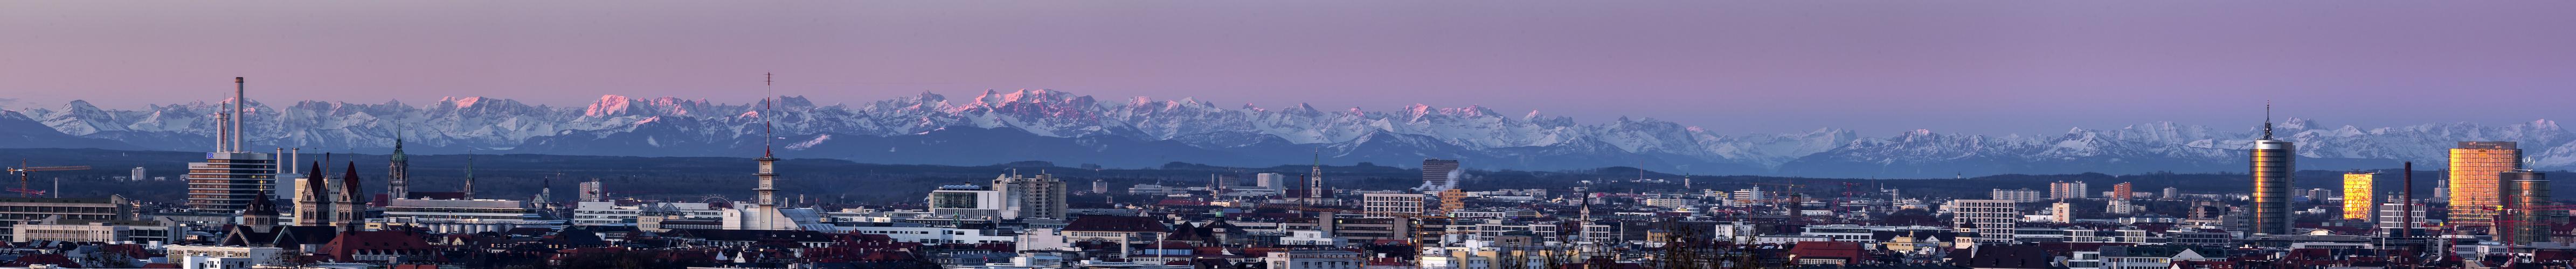 München kurz vor Sonnenaufgang 2. Teil des Panoramas